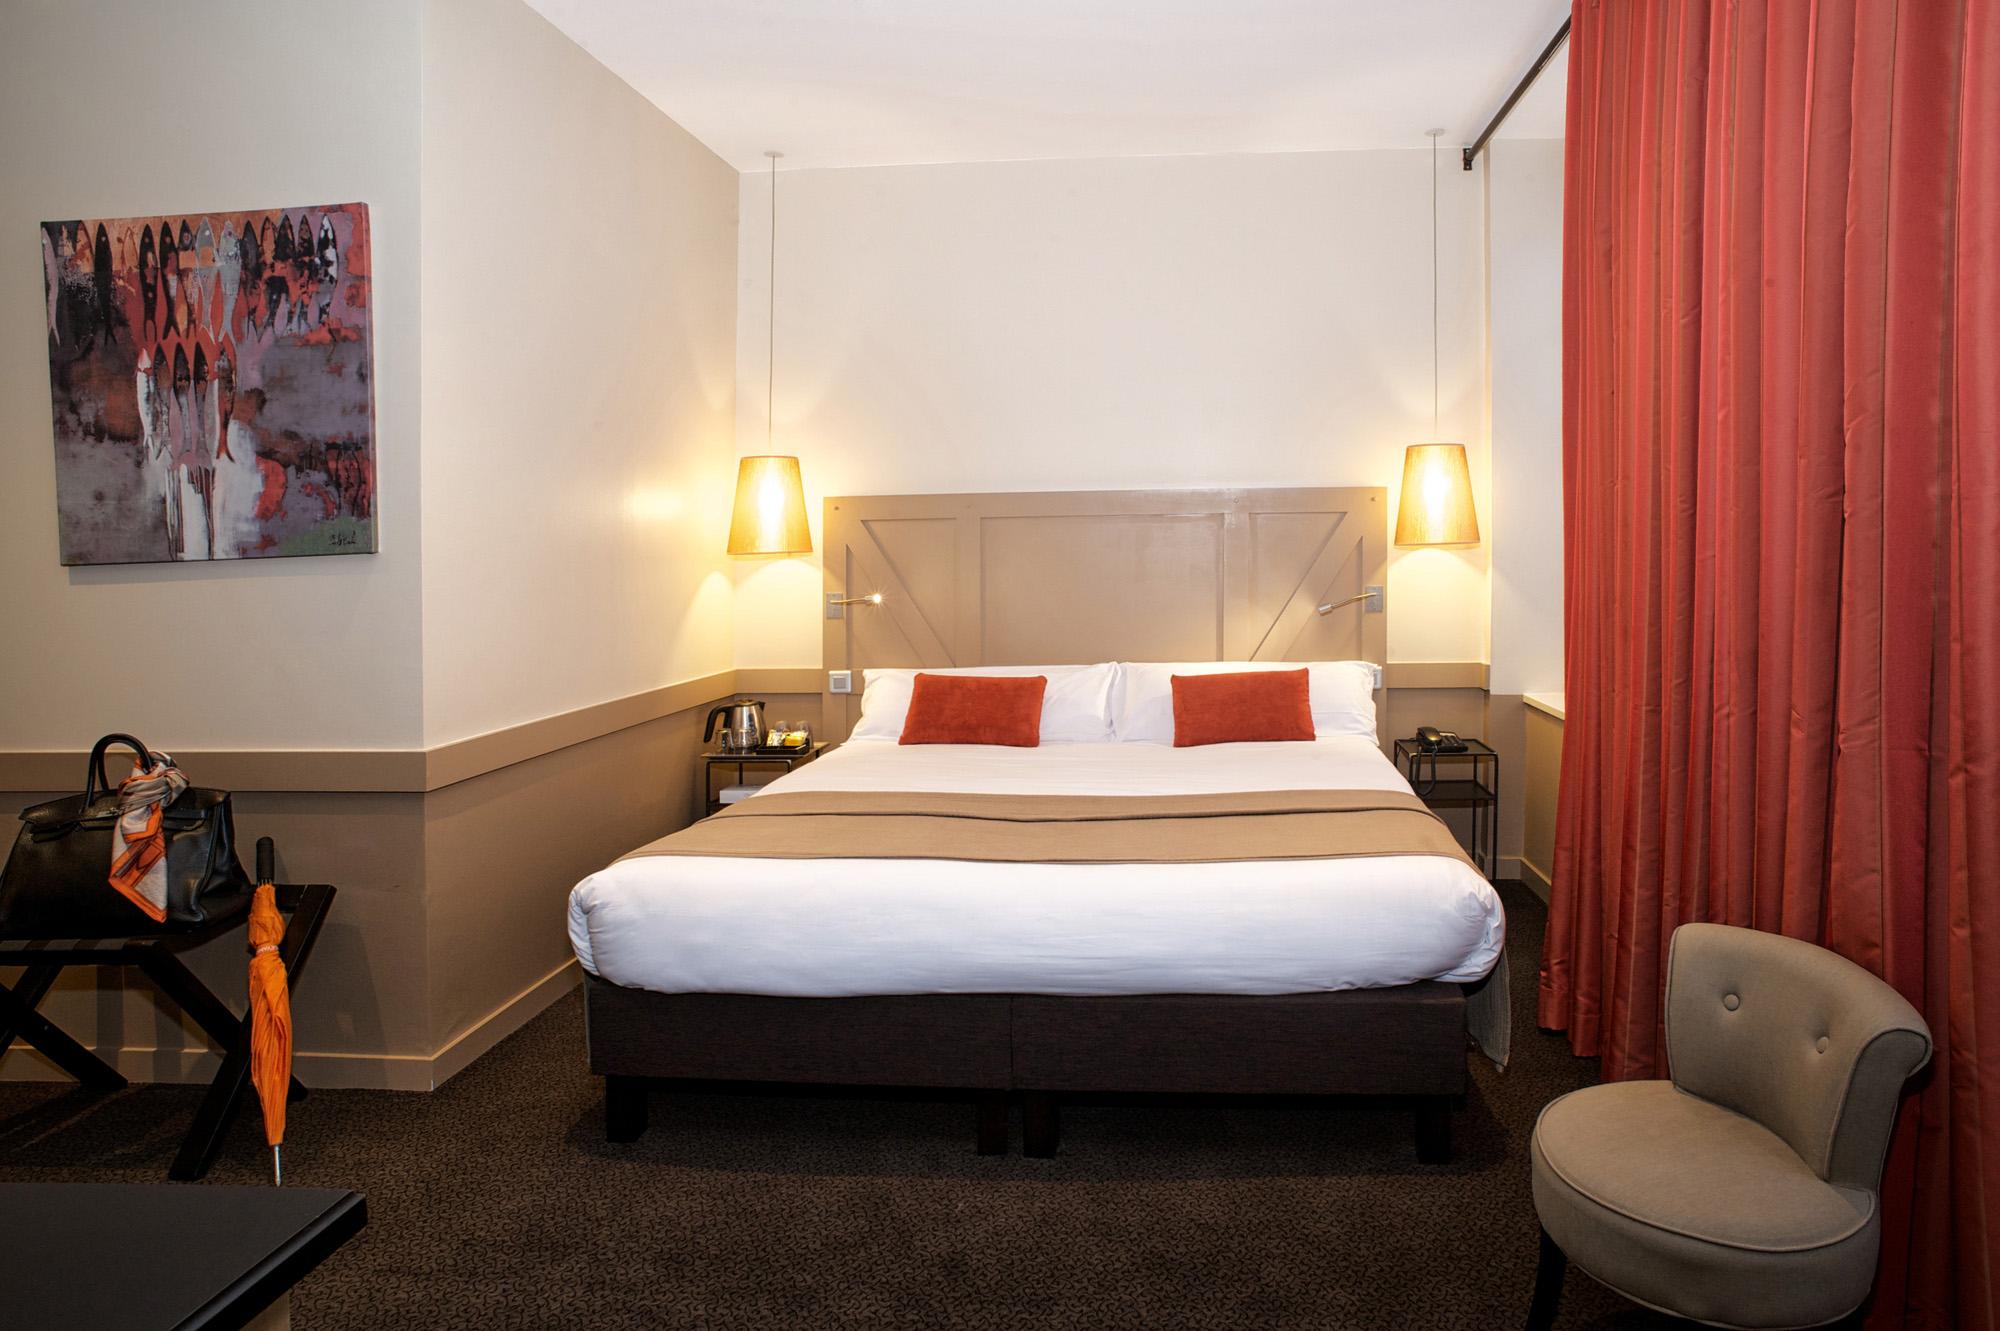 nouveau chambre de culture complete pas cher. Black Bedroom Furniture Sets. Home Design Ideas